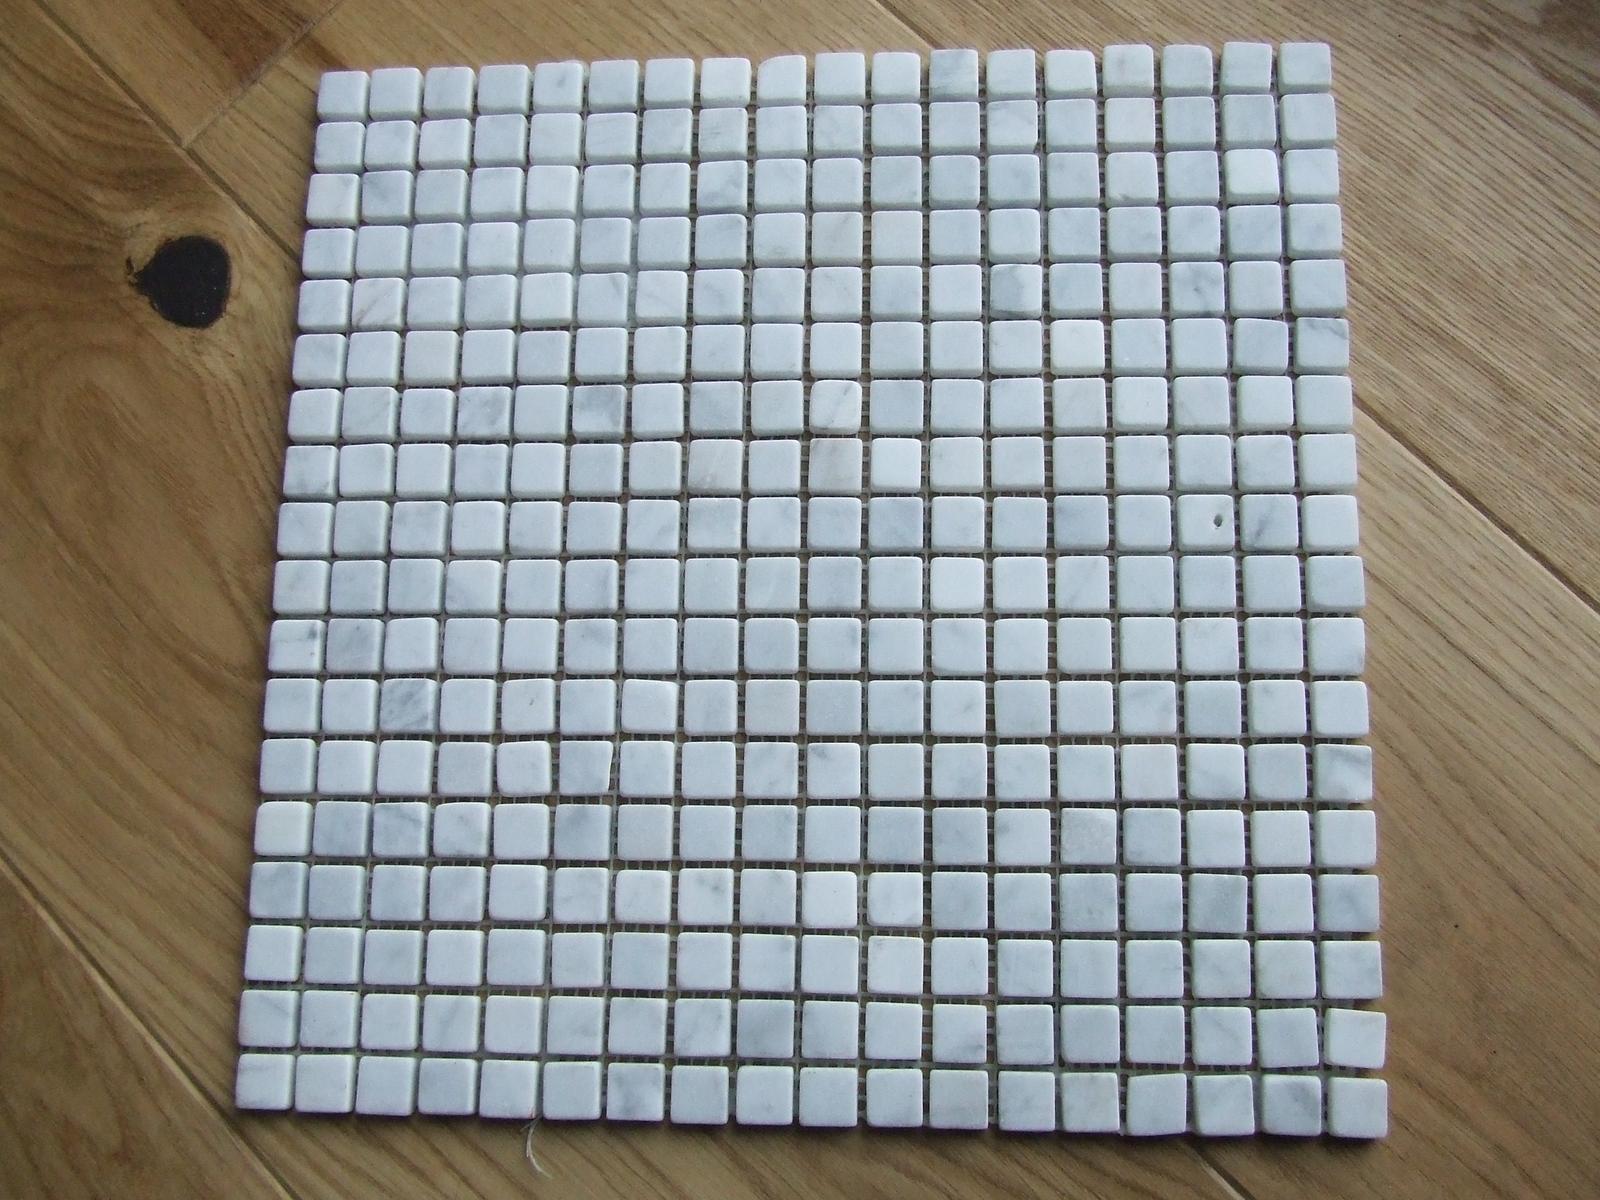 mozaika obklad - Obrázok č. 1